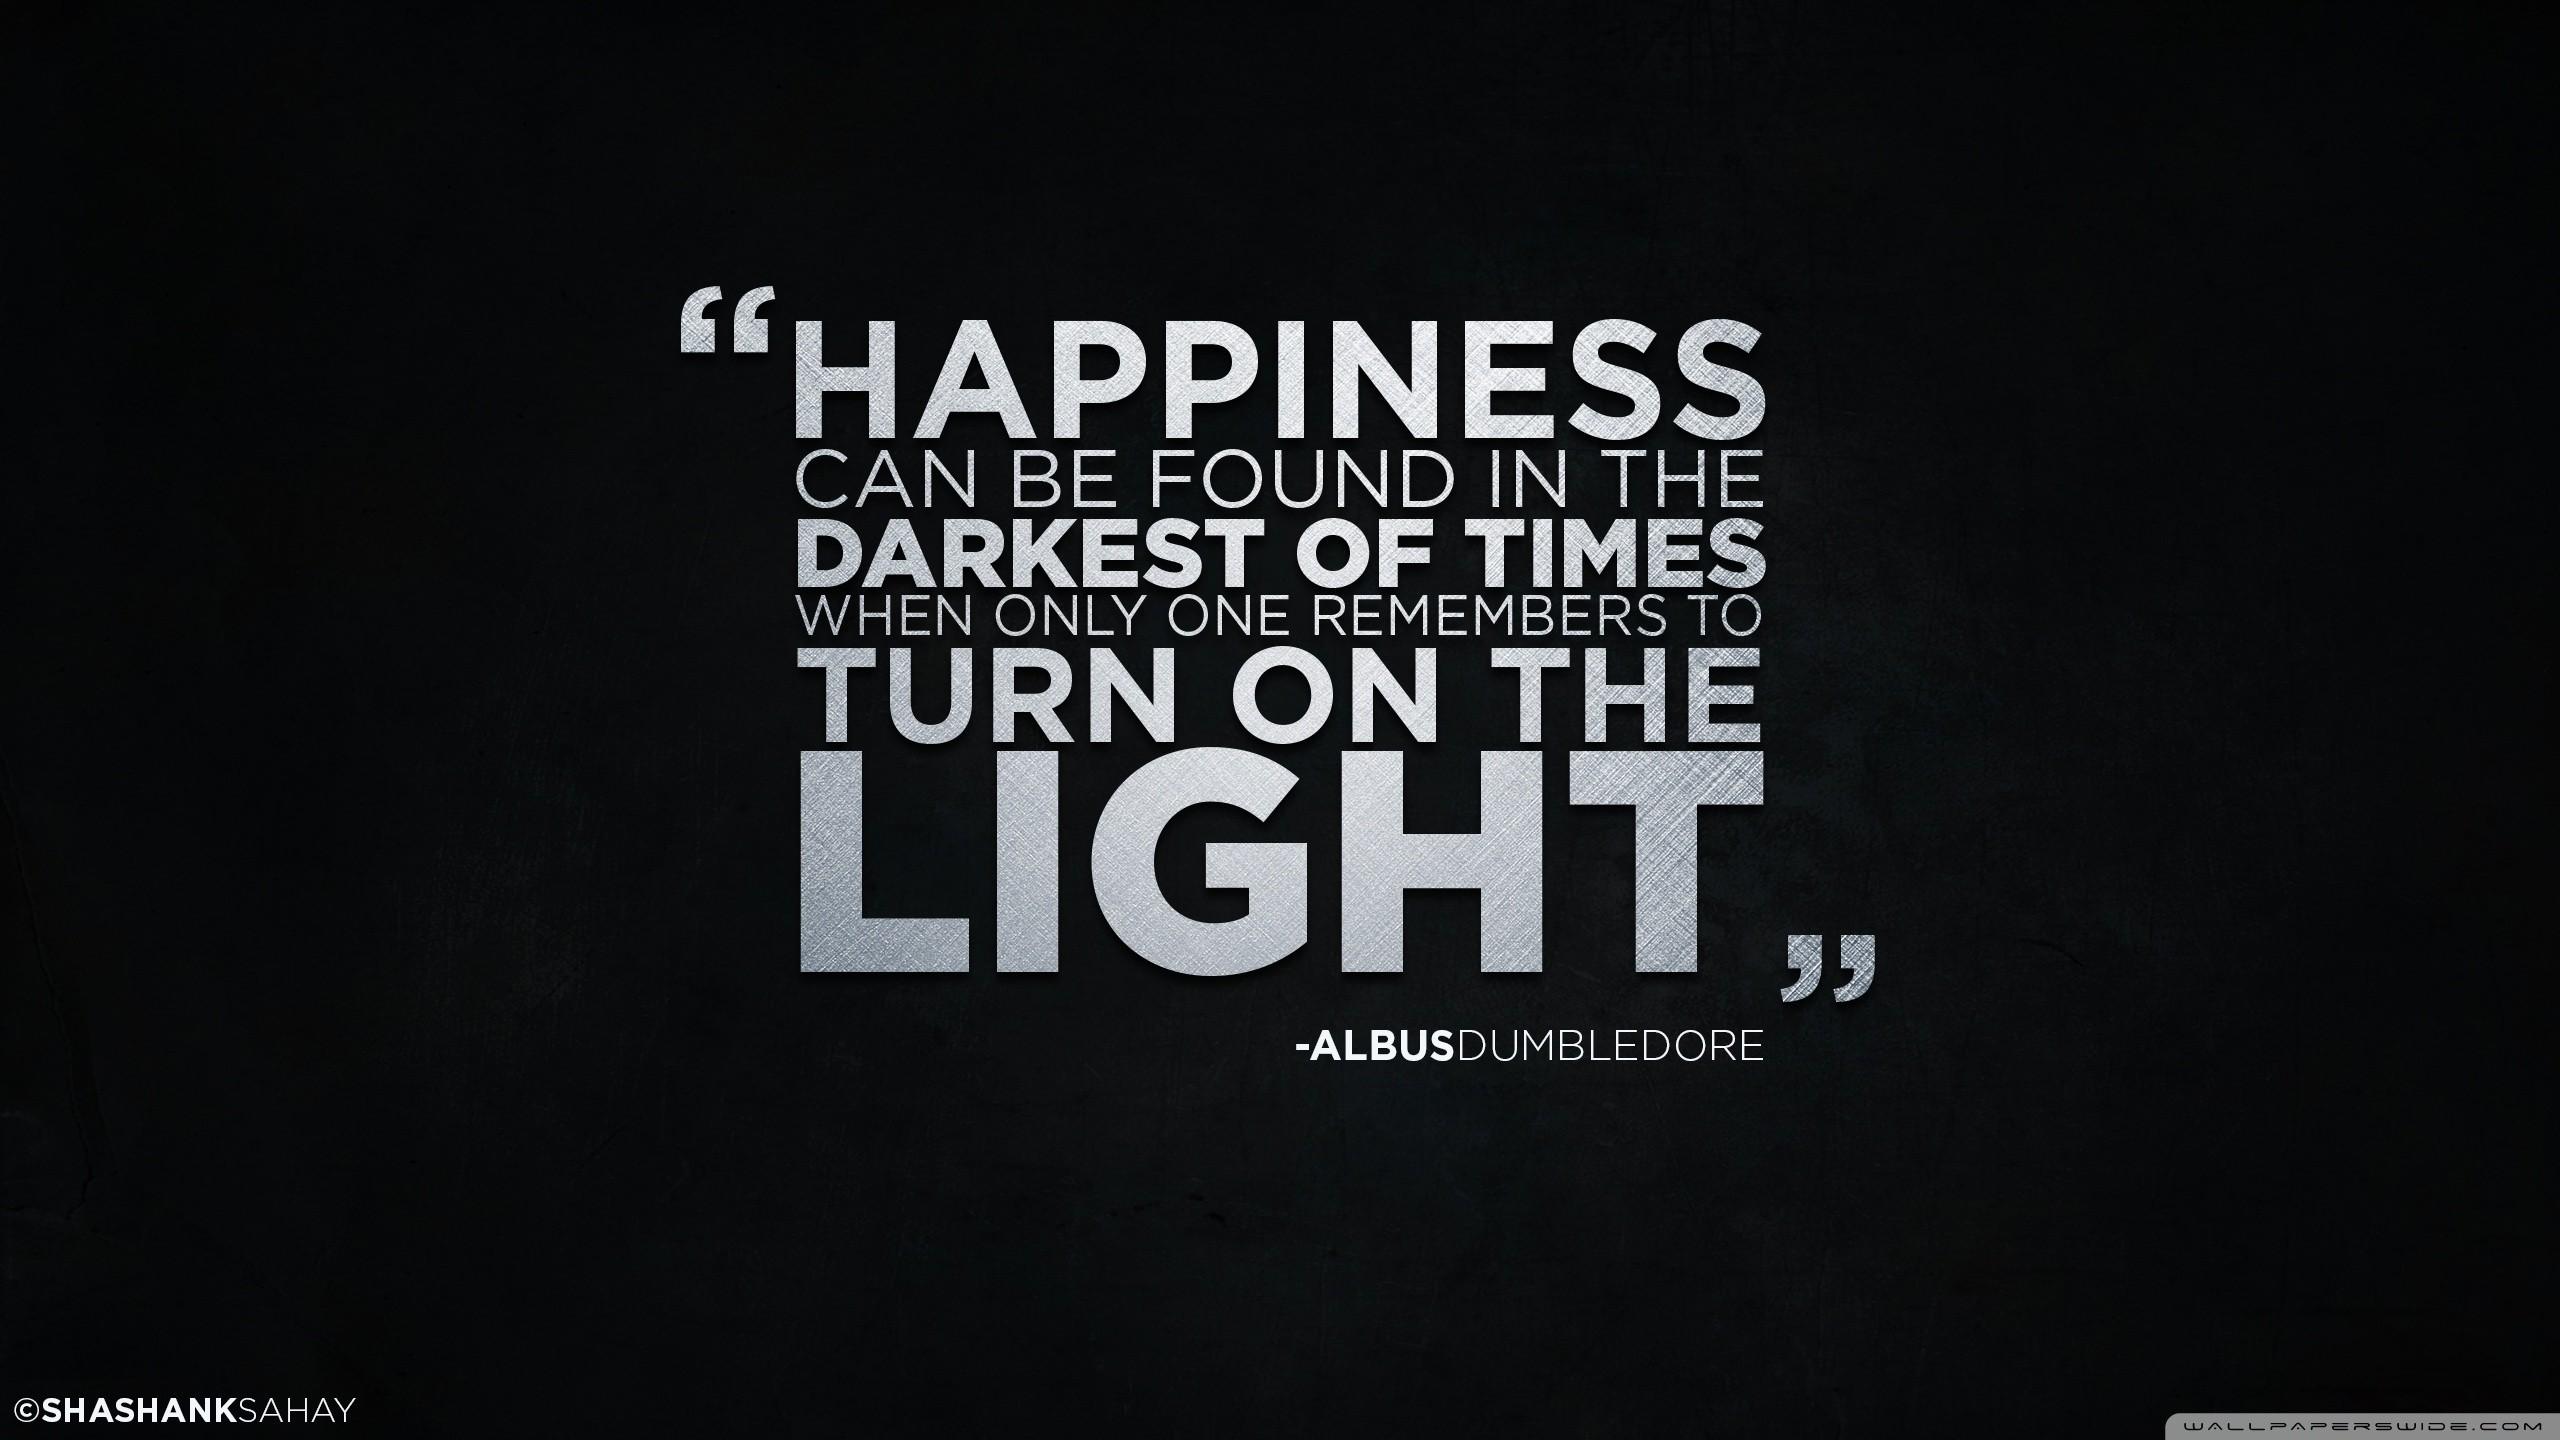 Albus Dumbledore #harrypotter #quotes